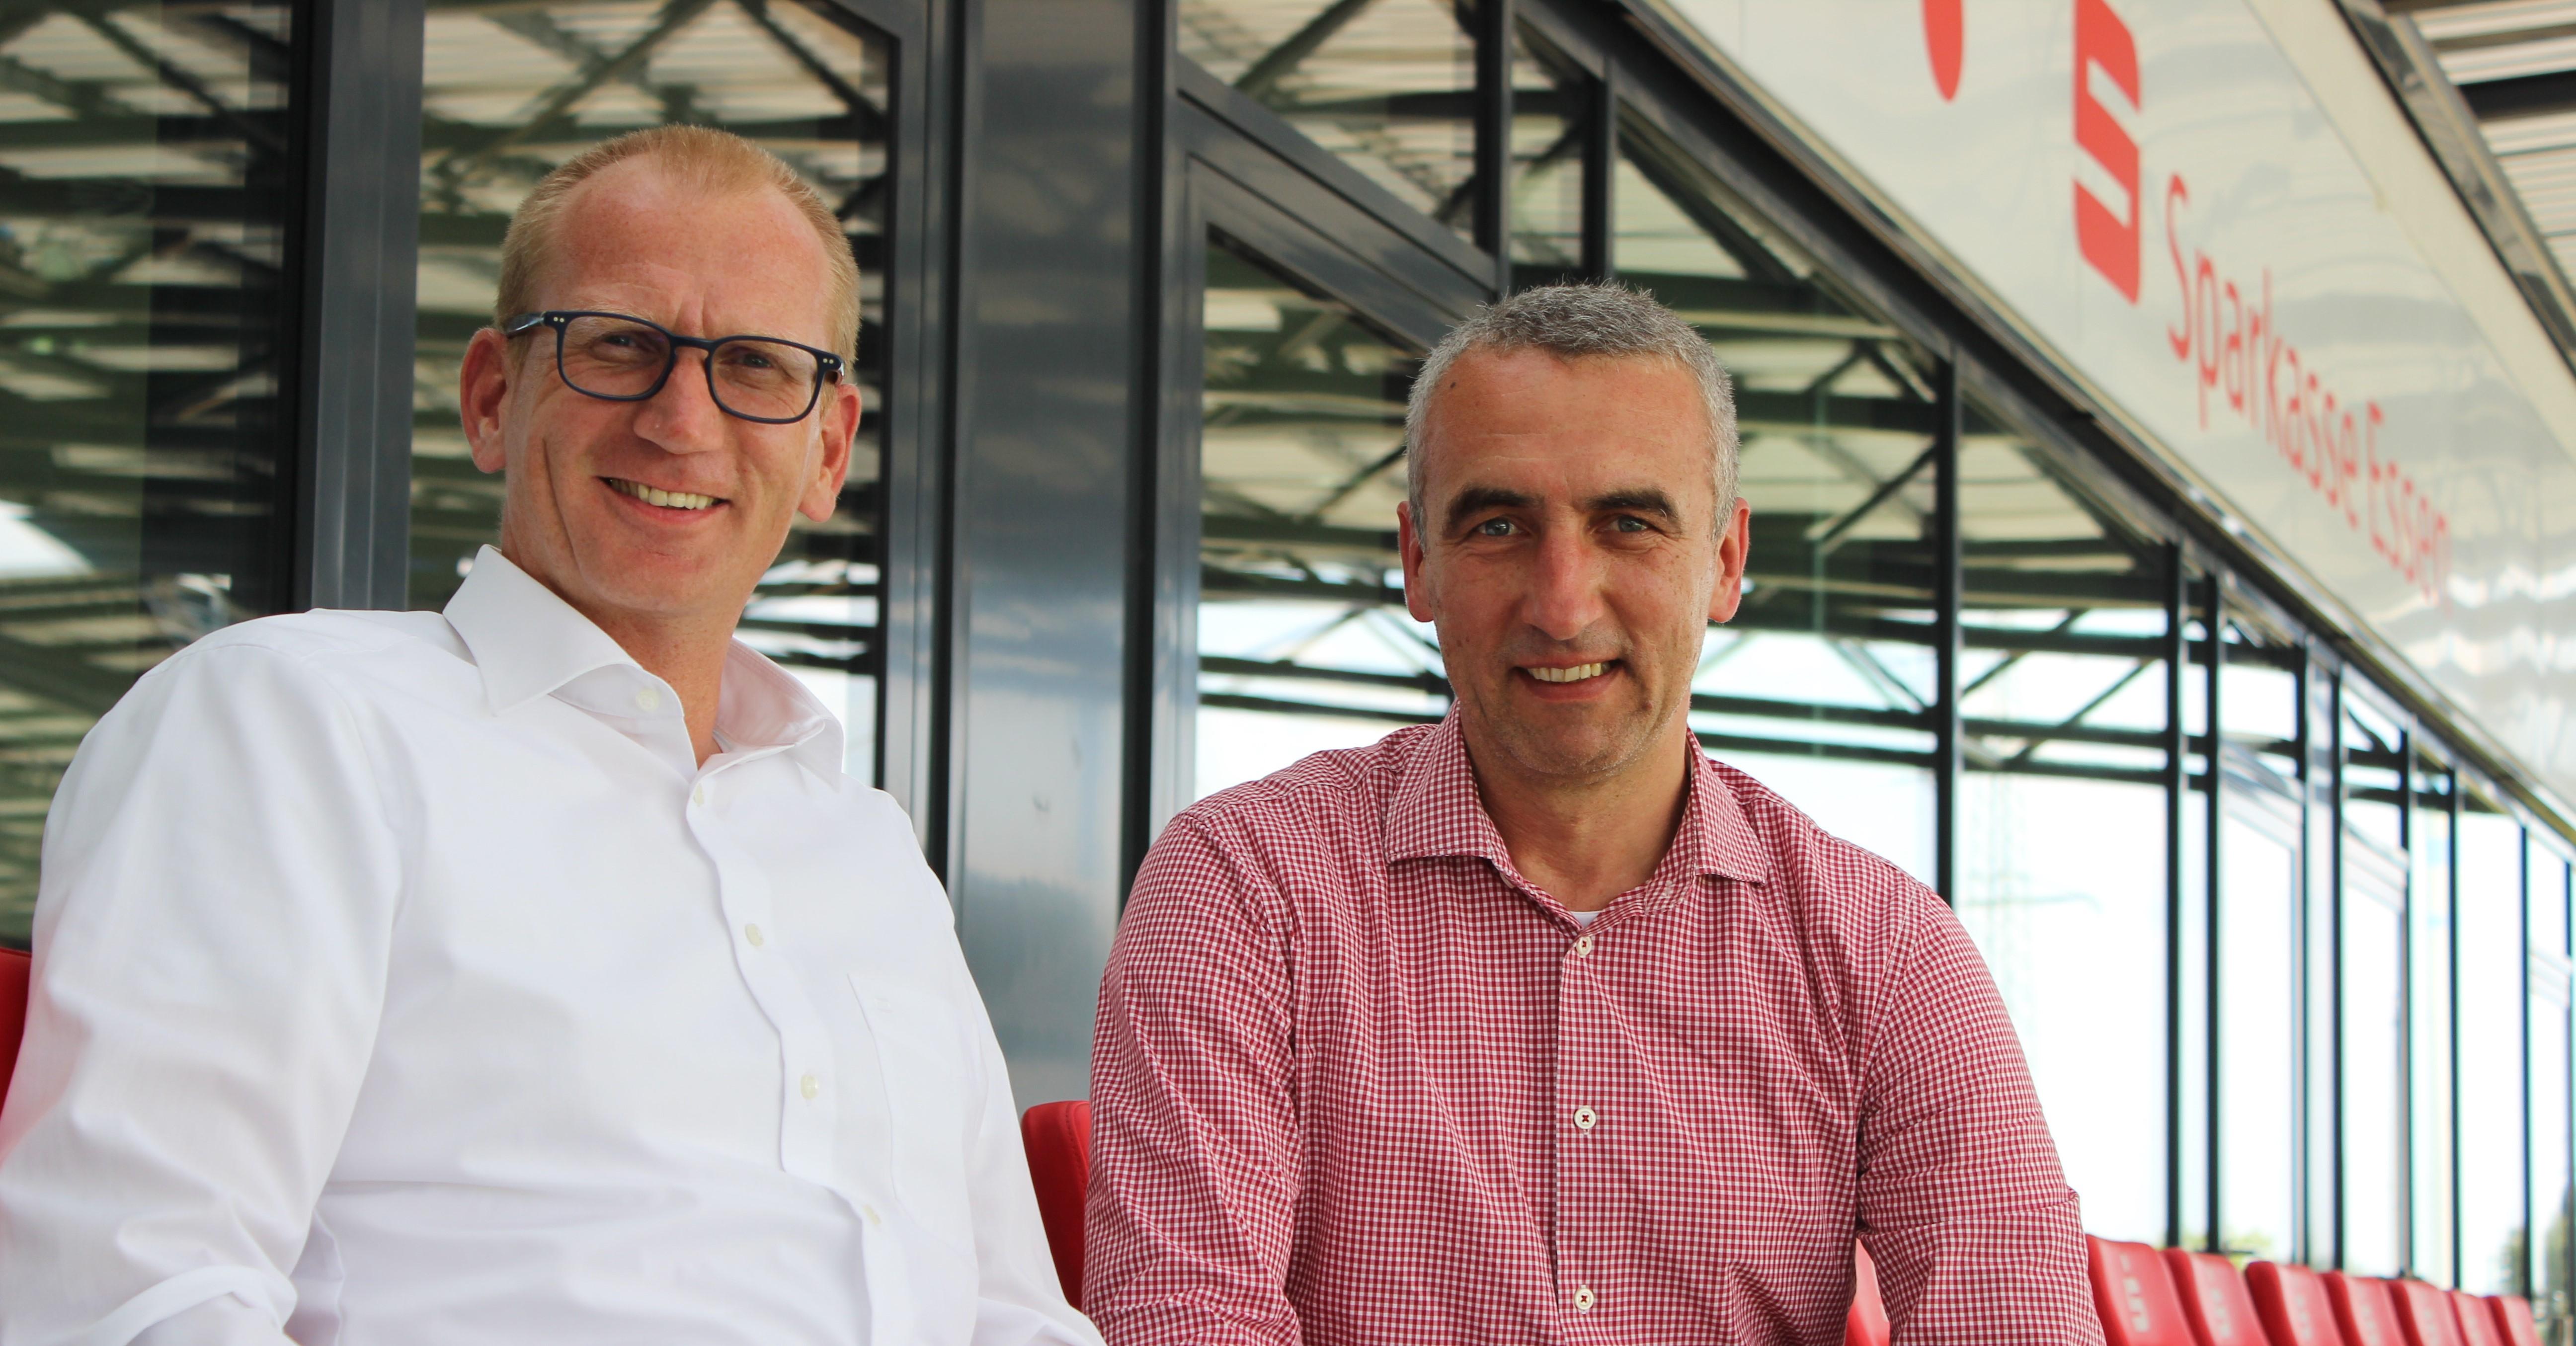 Oliver Bohnenkamp (l.) und die Sparkasse Essen bleiben rot-weisser Premium-Partner. (Foto: RWE)